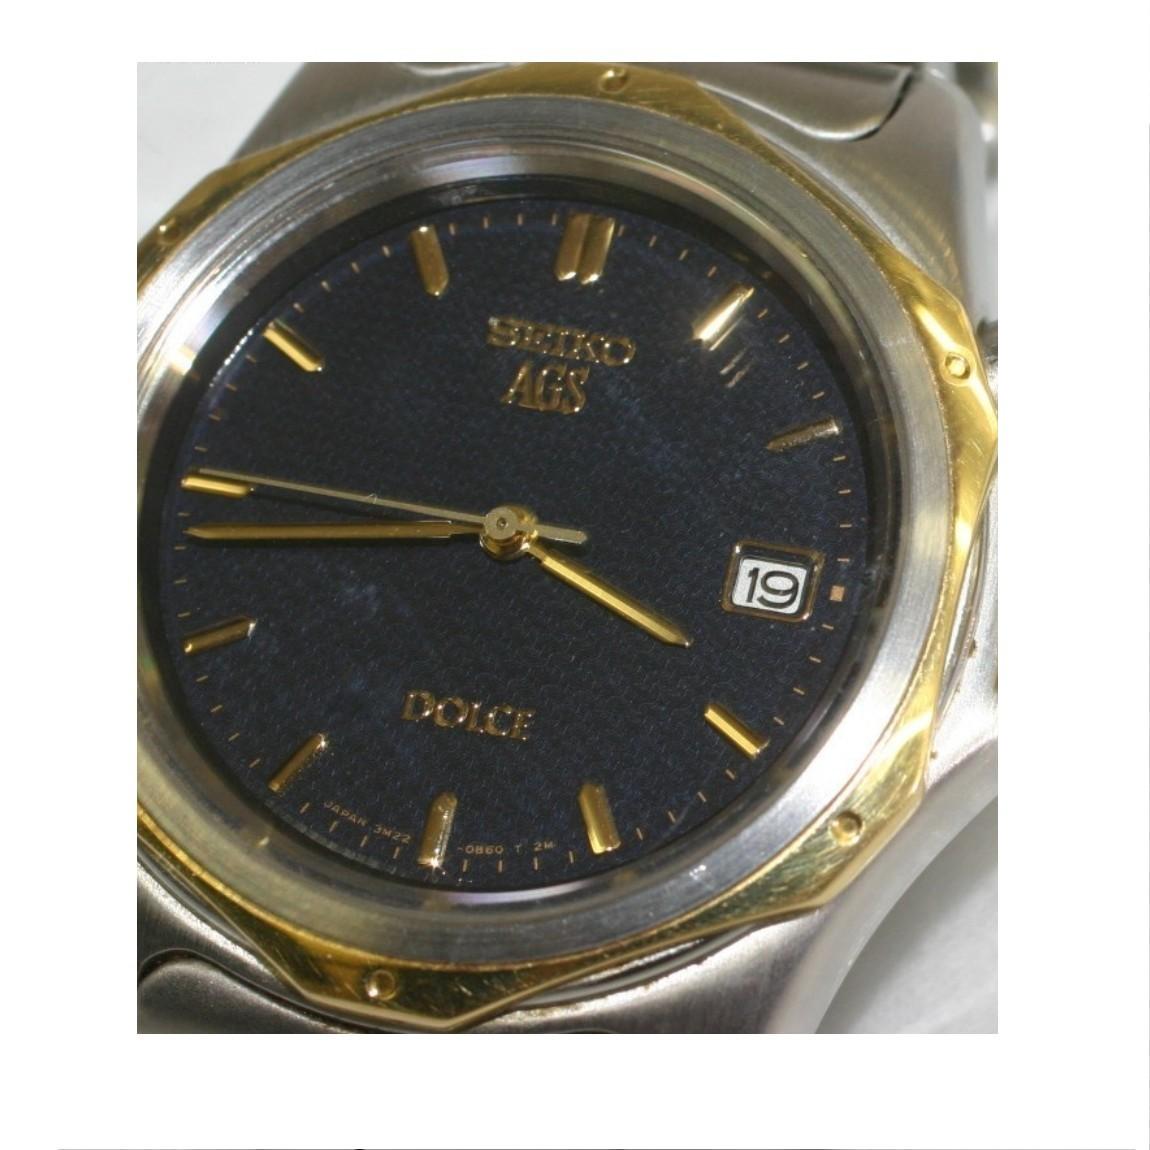 【中古】本物セイコーAGS紳士用時計ドルチェSADW008定価8万円18Kベゼル十気圧防水時計サフィアガラス 現在充電不良でジャンク品 ○A12-67